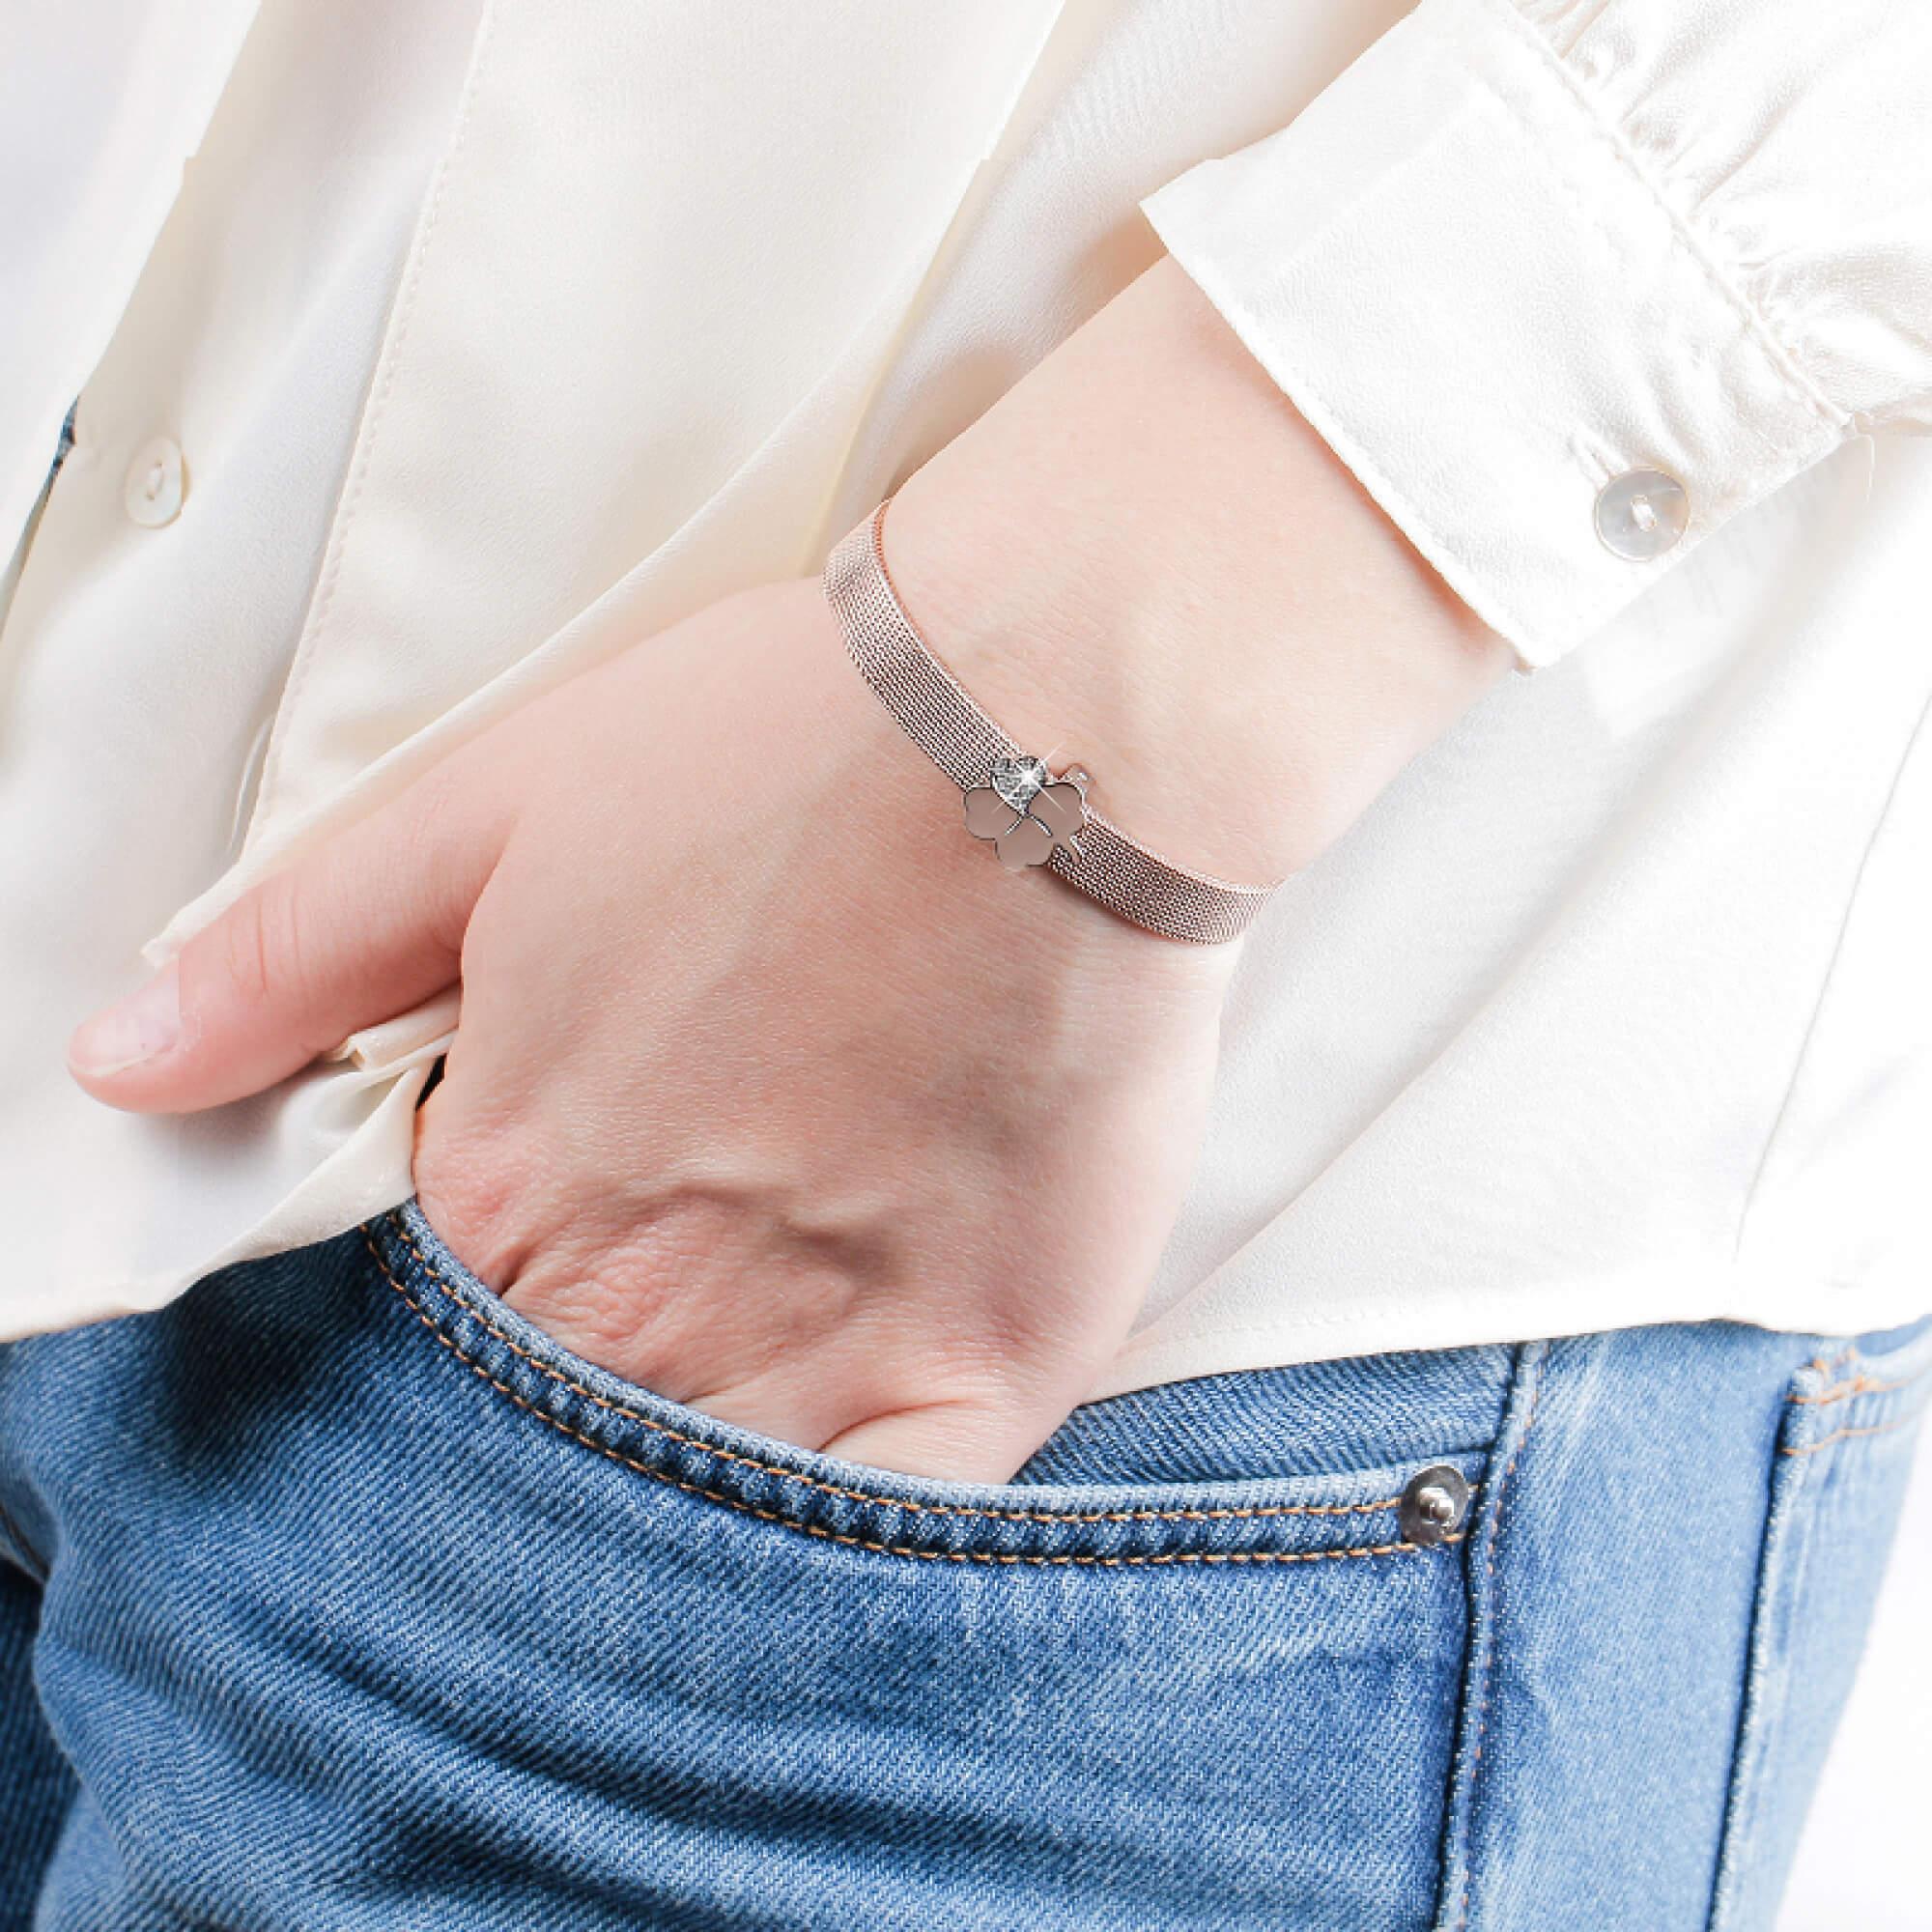 Morellato Štvorlístok na náramky SENSAZIONE SAJT16 S darčekom ·  p Ukázka  navlečení na náramek Morellato Tesori.  p  70e02479477